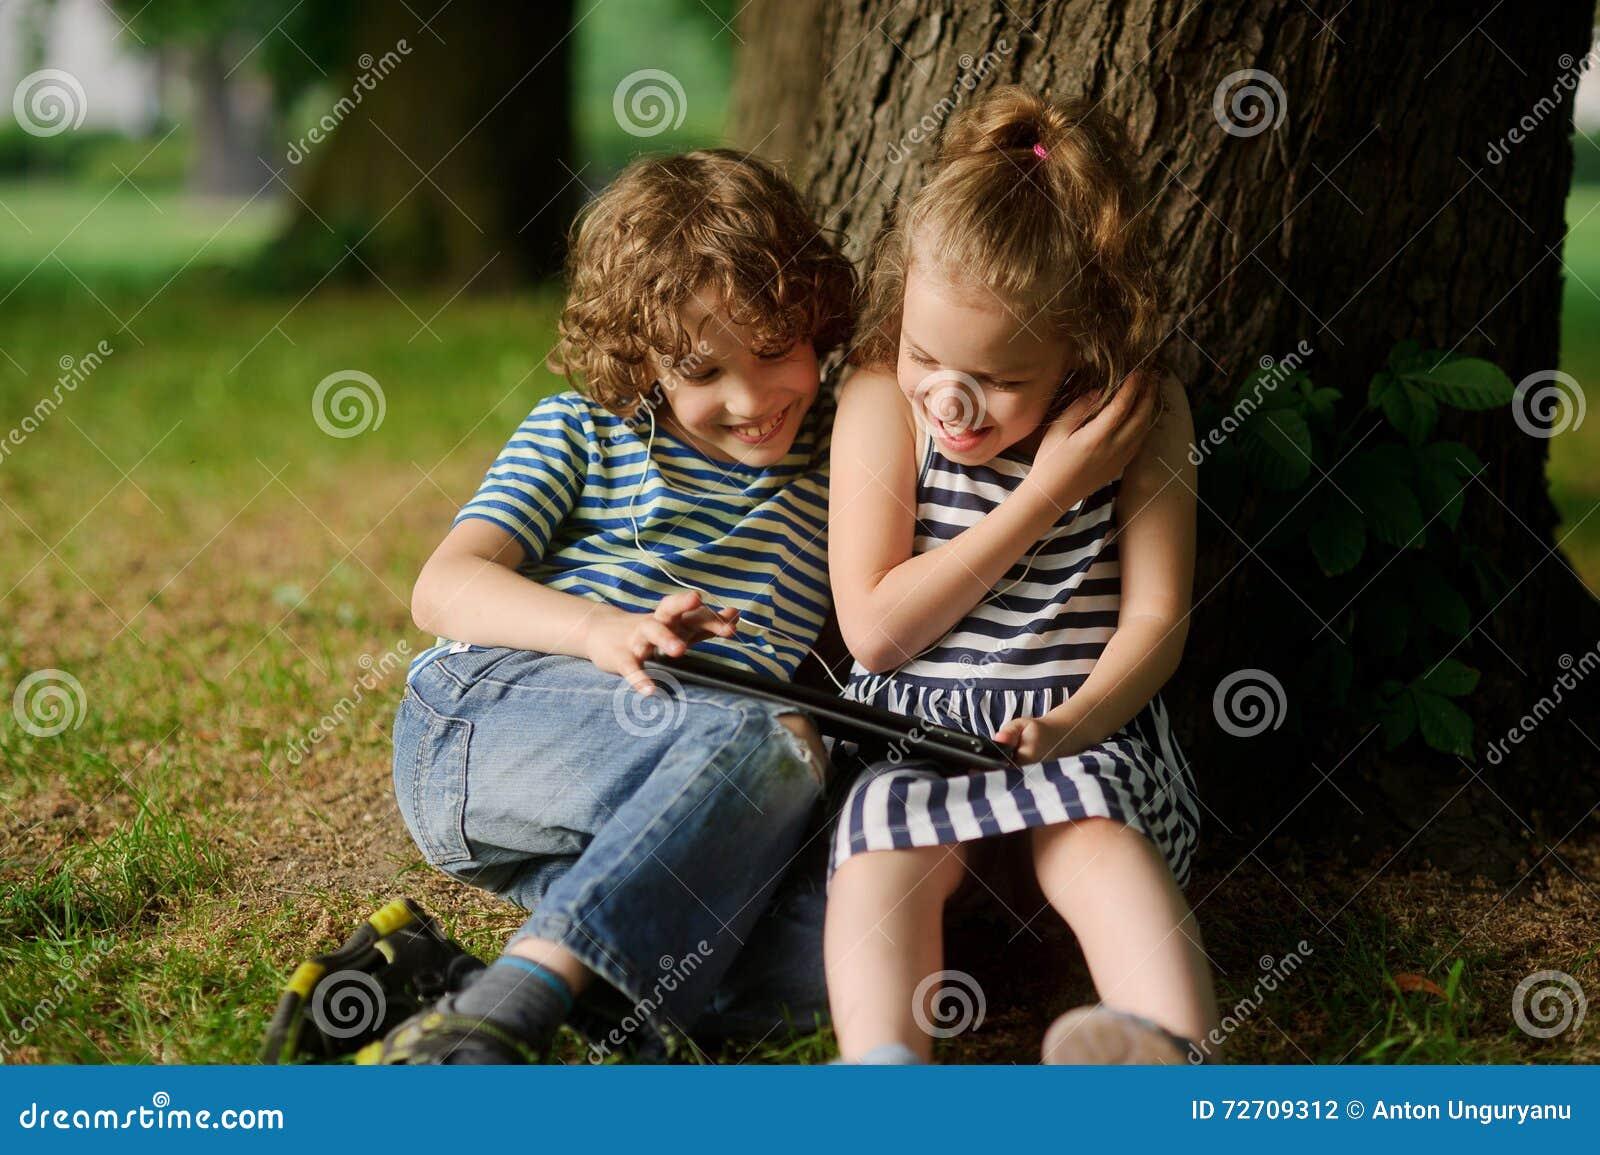 De jongen met meisje van 7 8 jaar zit onder een oude boom en bekijkt excitedly het laptop scherm - Jaar oude meisje kamer foto ...